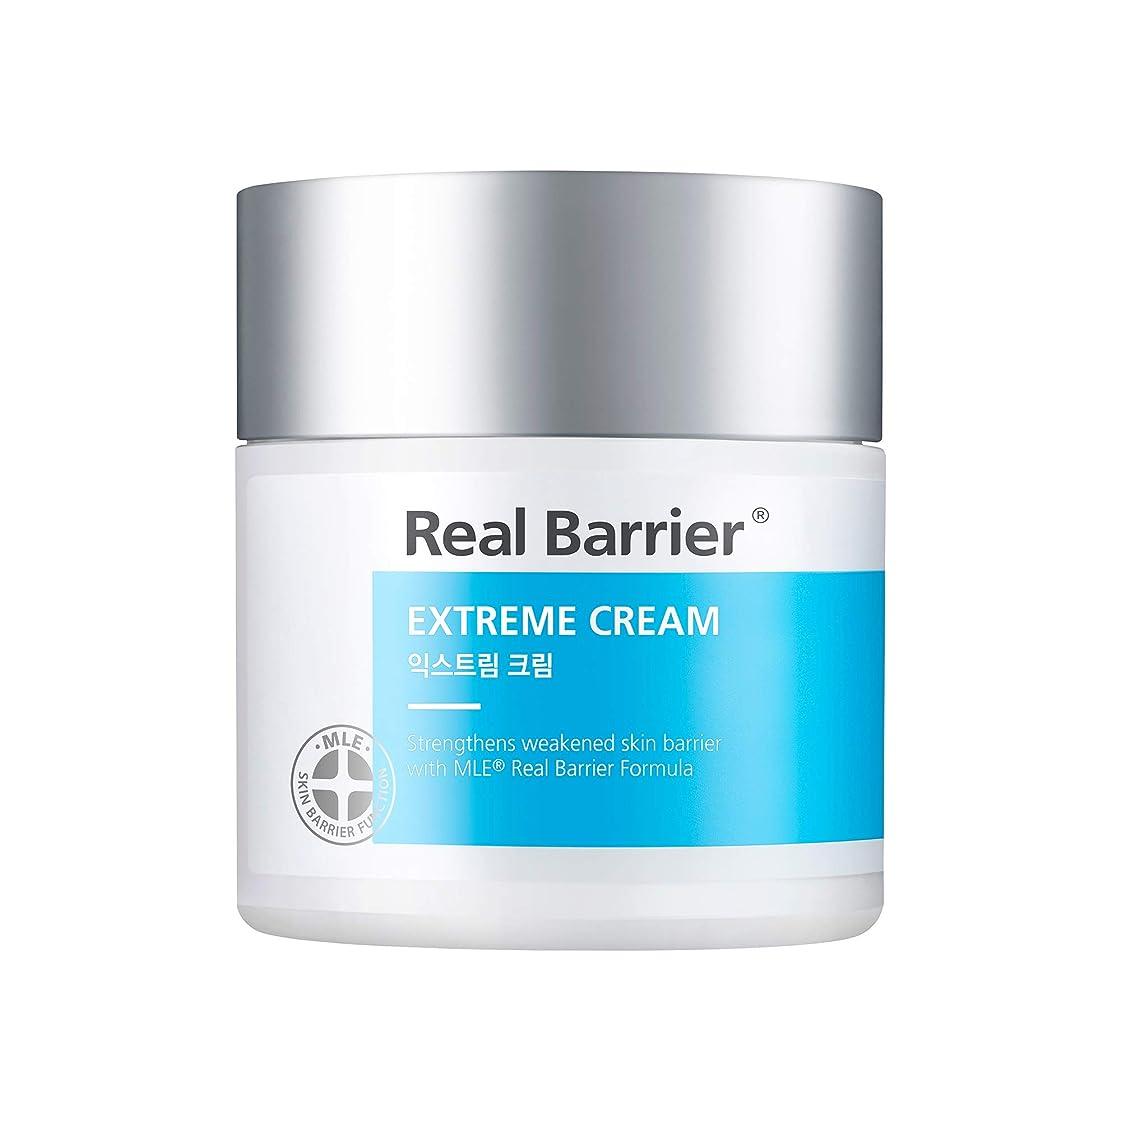 苗塗抹ただやるアトパーム(atopalm) リアルベリアエクストリームクリーム/Atopam Real Barrier Extreme Cream